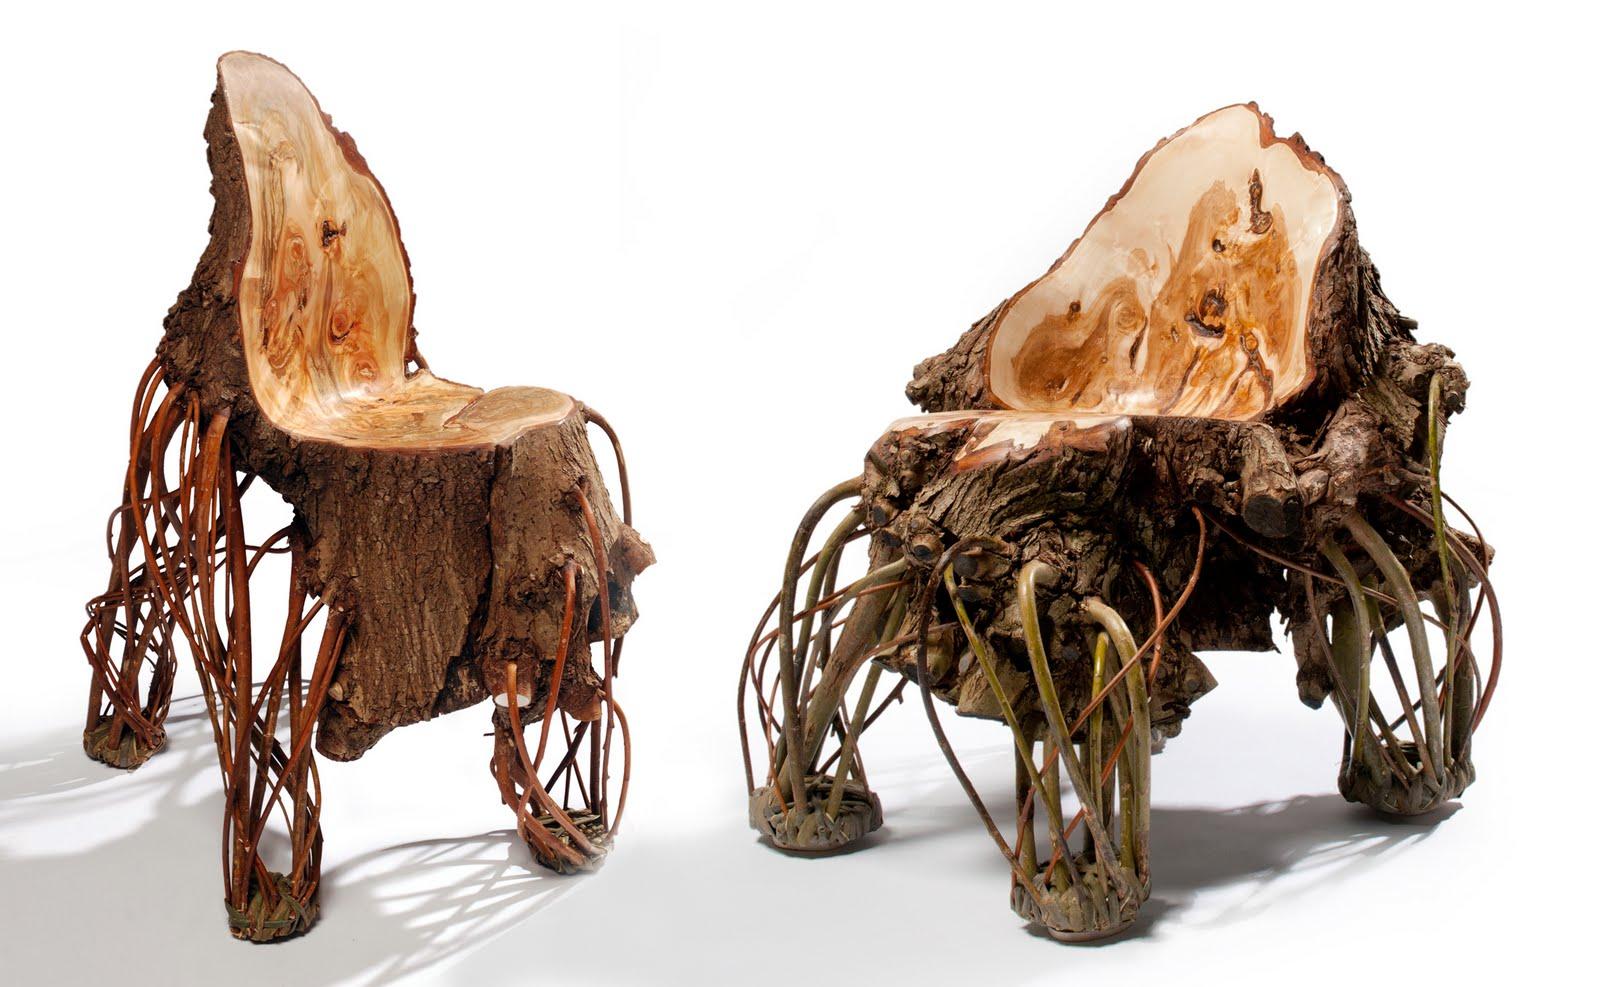 Krzesło wyrosłe z wierzby